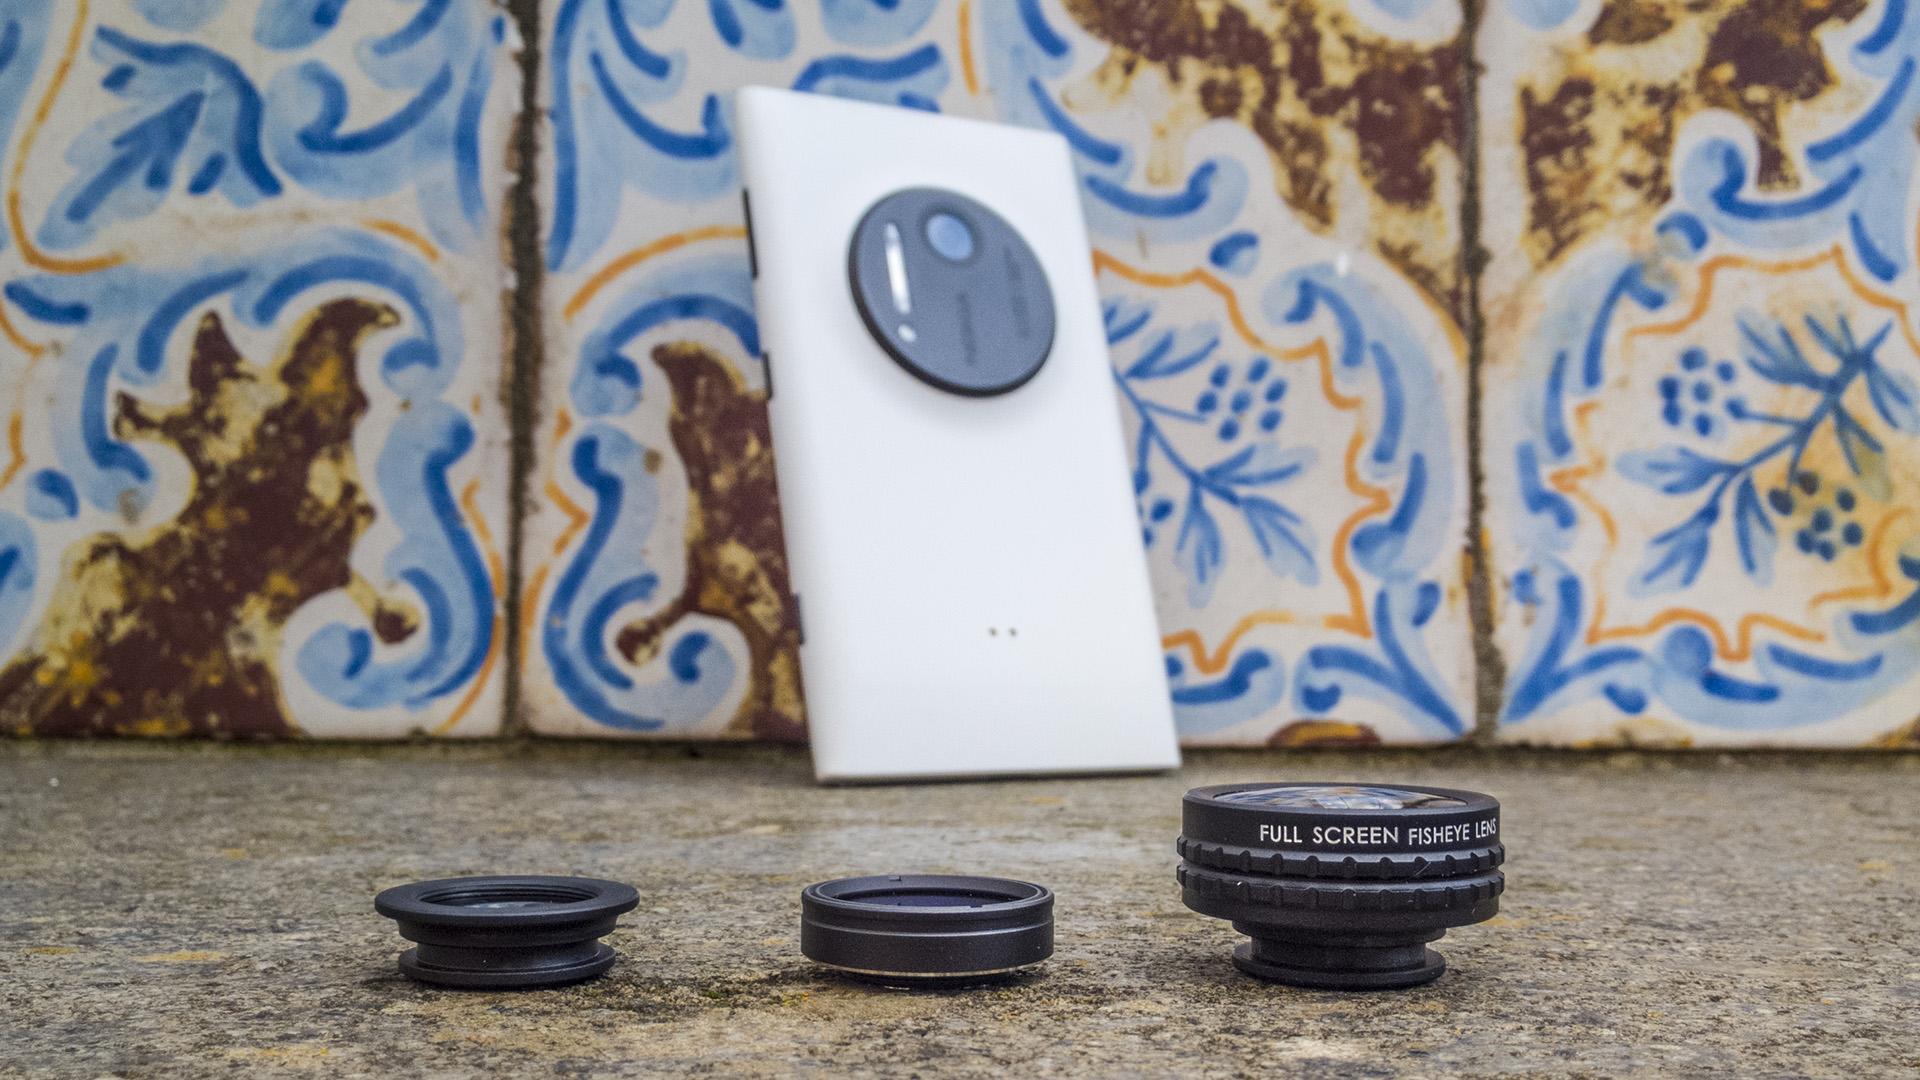 Recensione lenti Fish-Eye Macro Aukey smartphone Lumia (4)